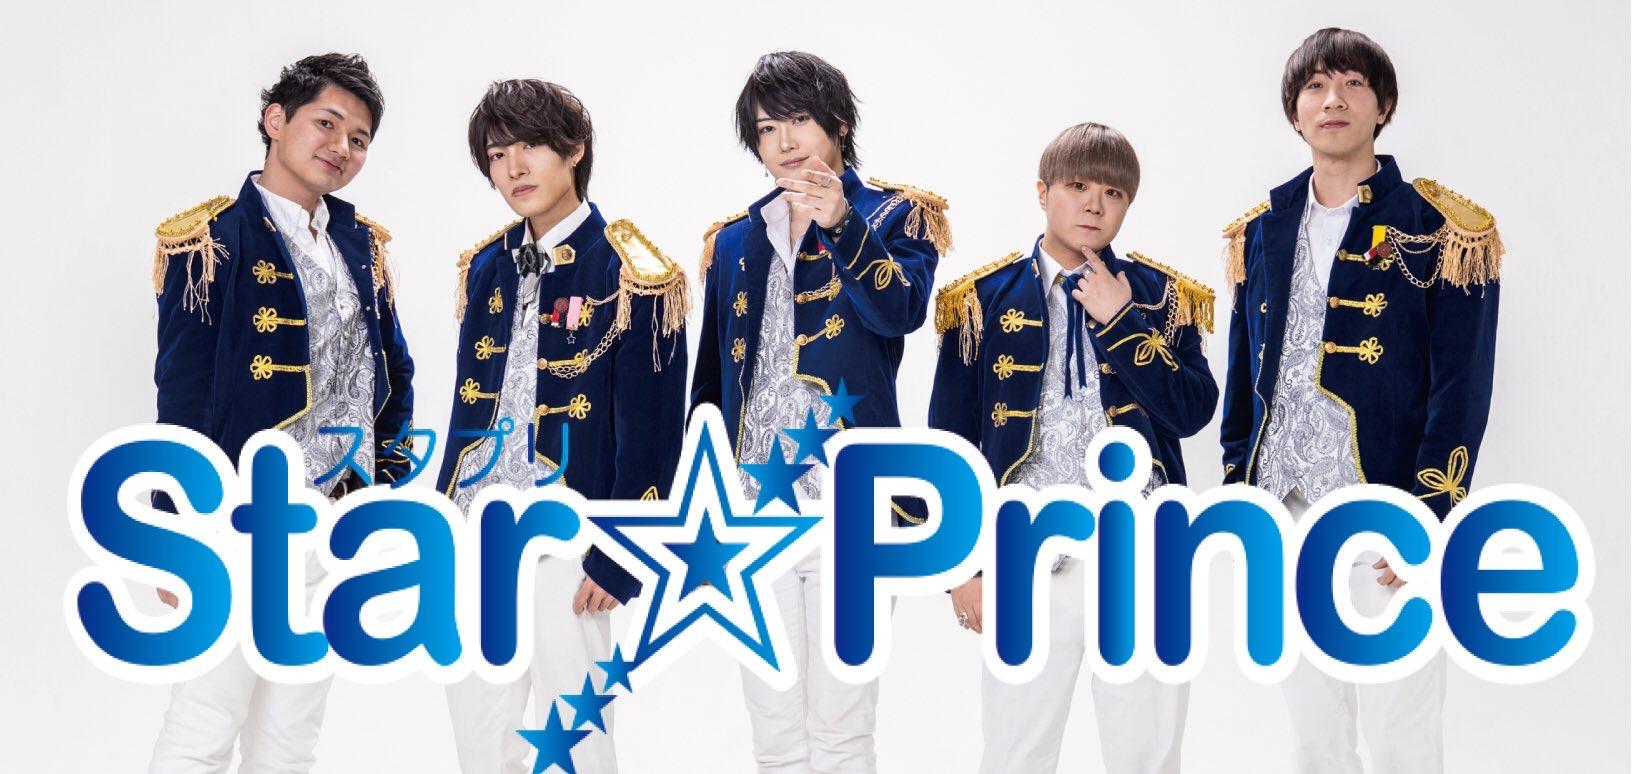 Galaxy Boys真夏の浴衣ライブSP ②部